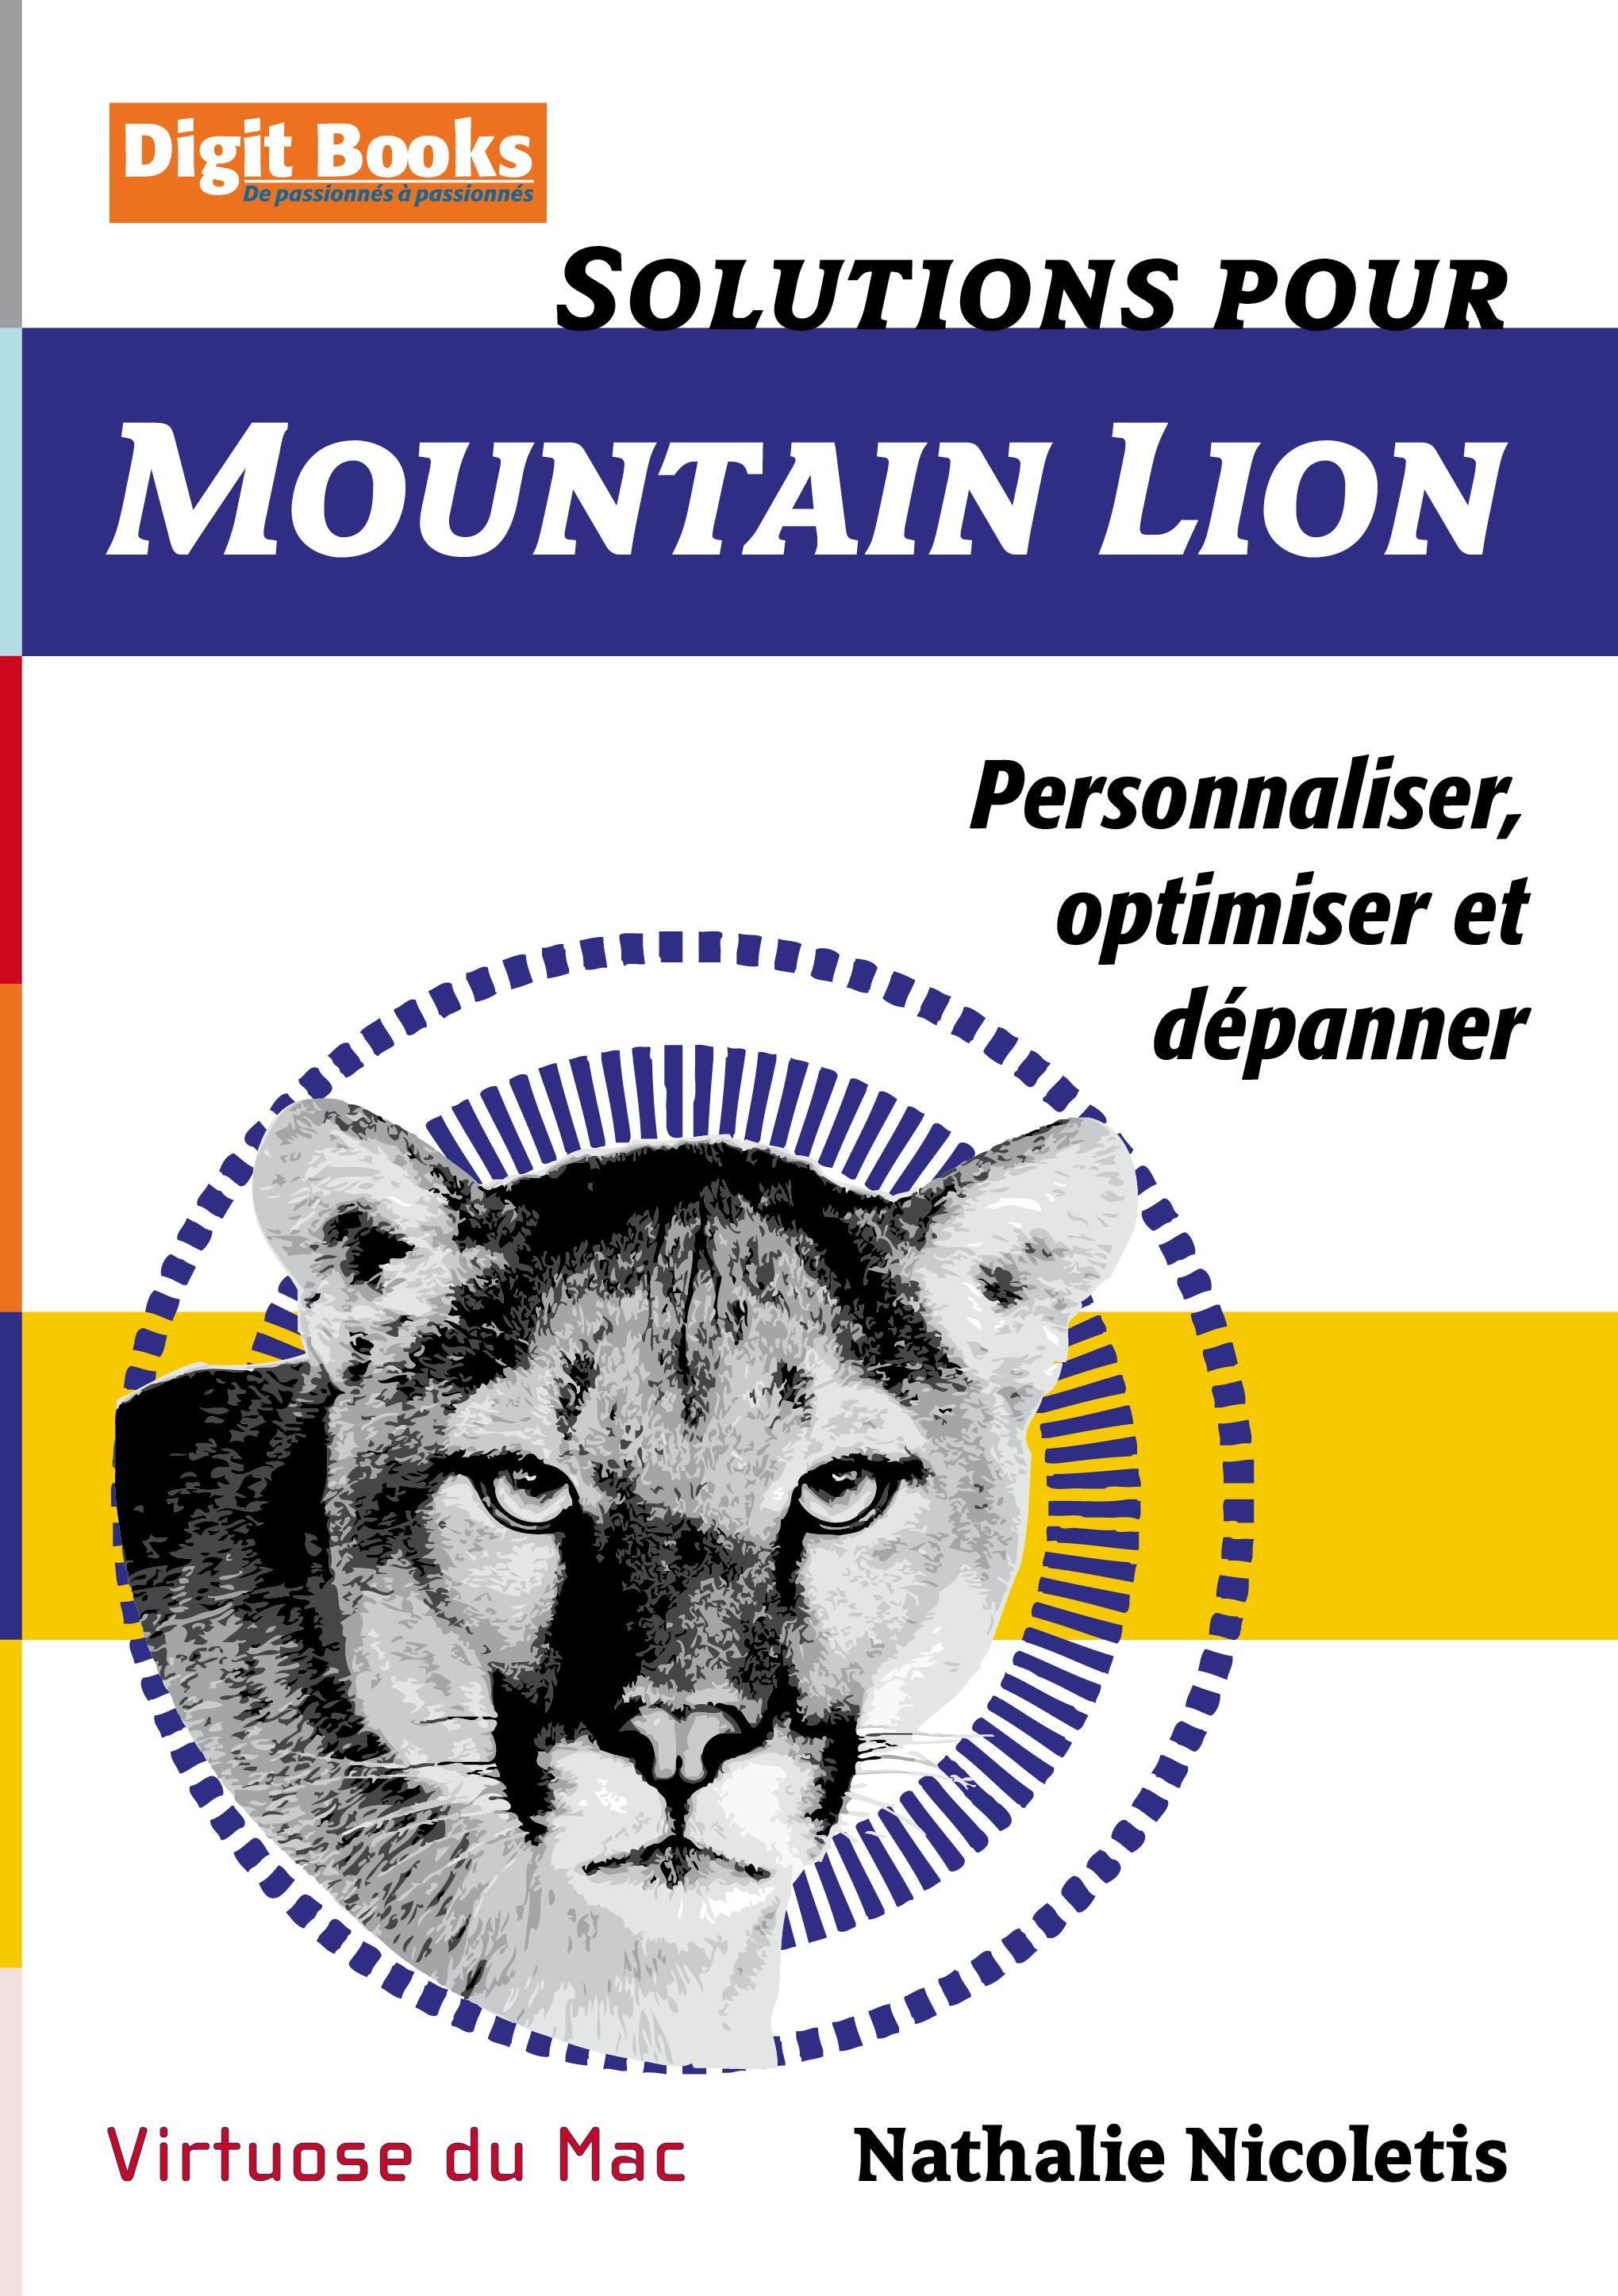 Solutions pour Mountain Lion, PERSONNALISER, OPTIMISER ET DÉPANNER